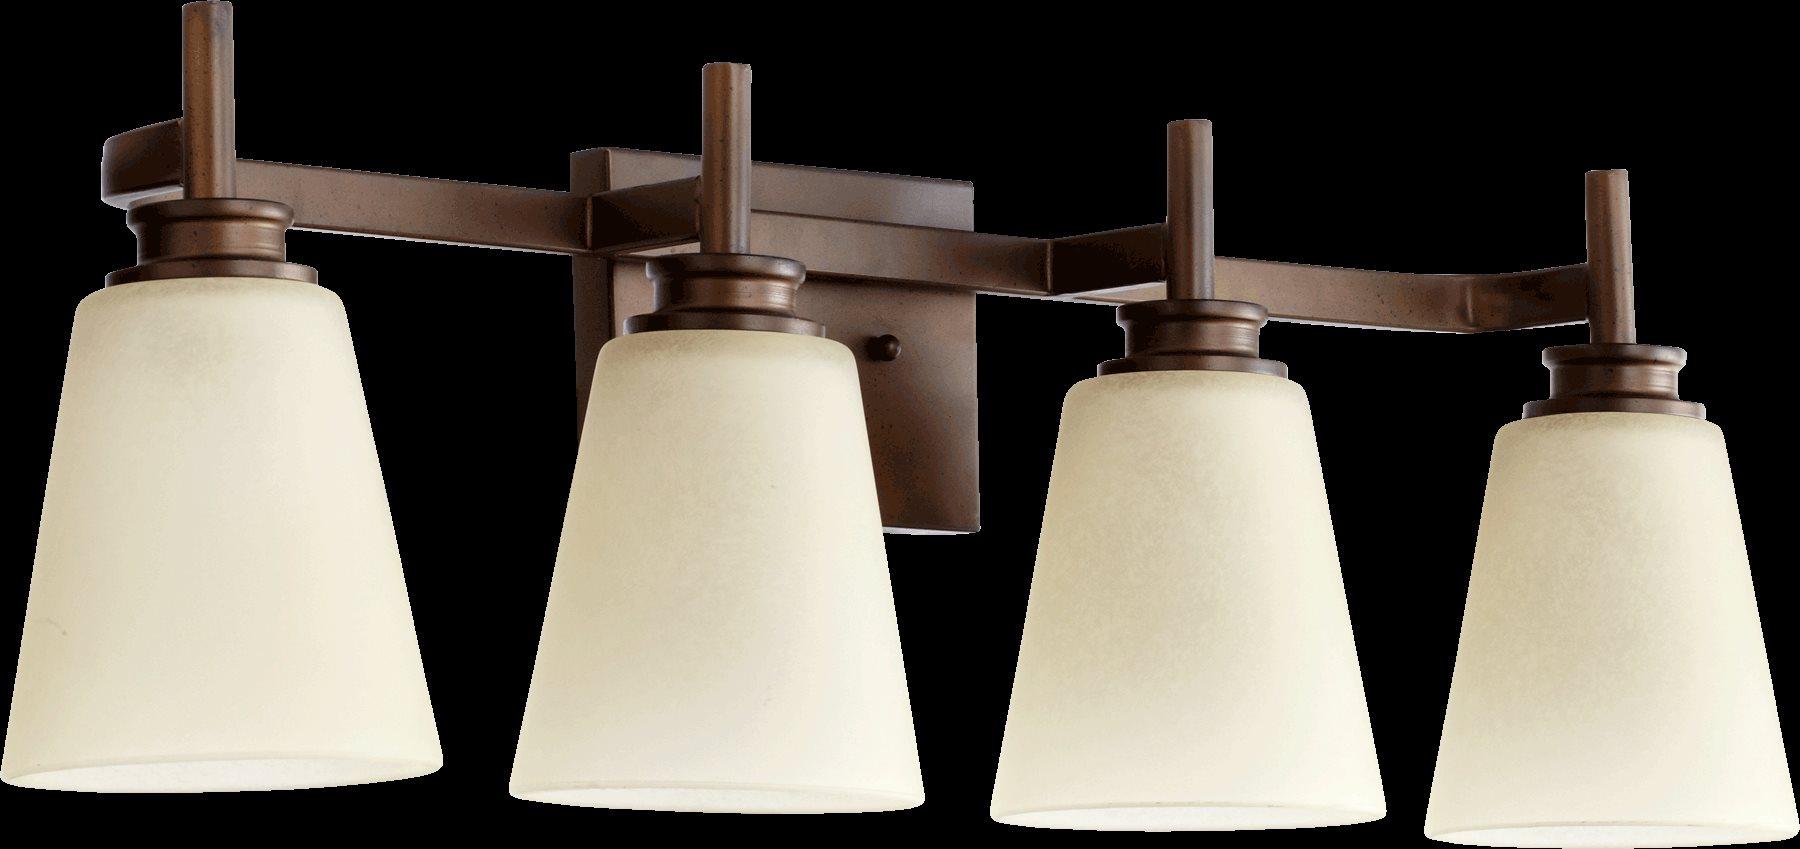 Yosemite Home Decor Vanity Lighting Family 4 Light Chrome: Quorum Lighting 5002-4-86 Friedman Modern / Contemporary